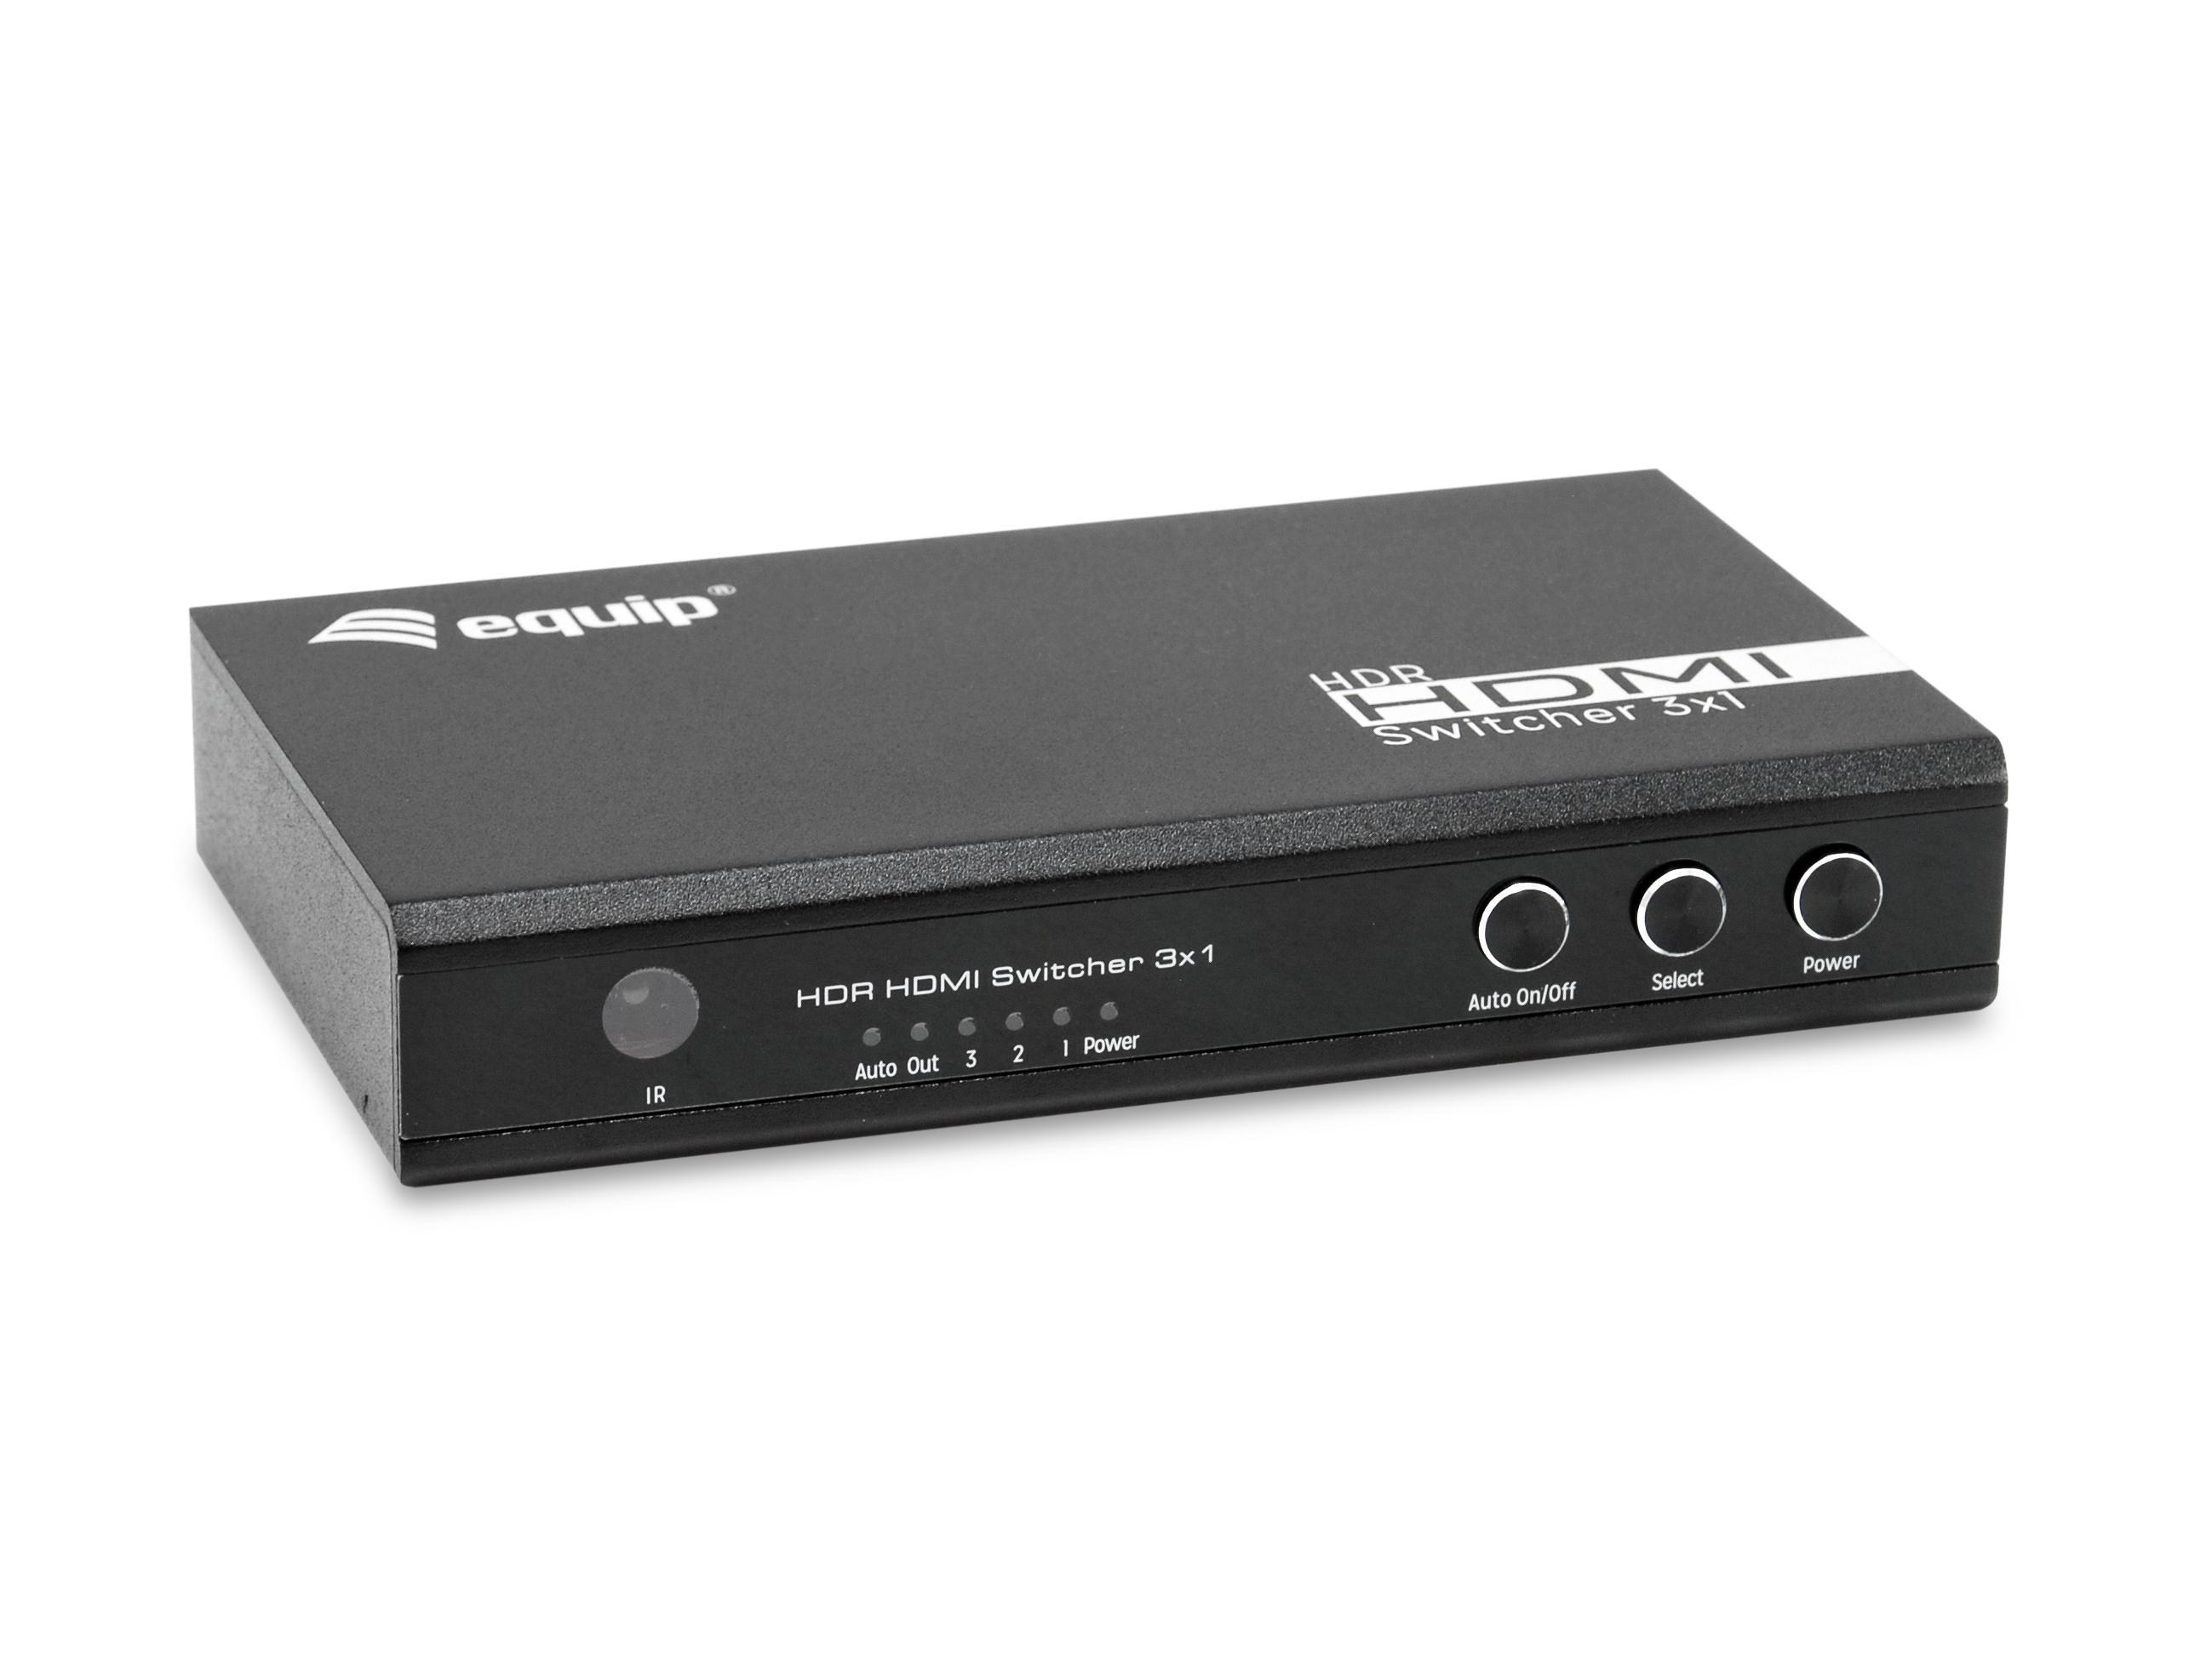 equip Switch 3x1 HDMI 2.0 4K/60Hz schwarz inkl.Fernbedienung - Switch